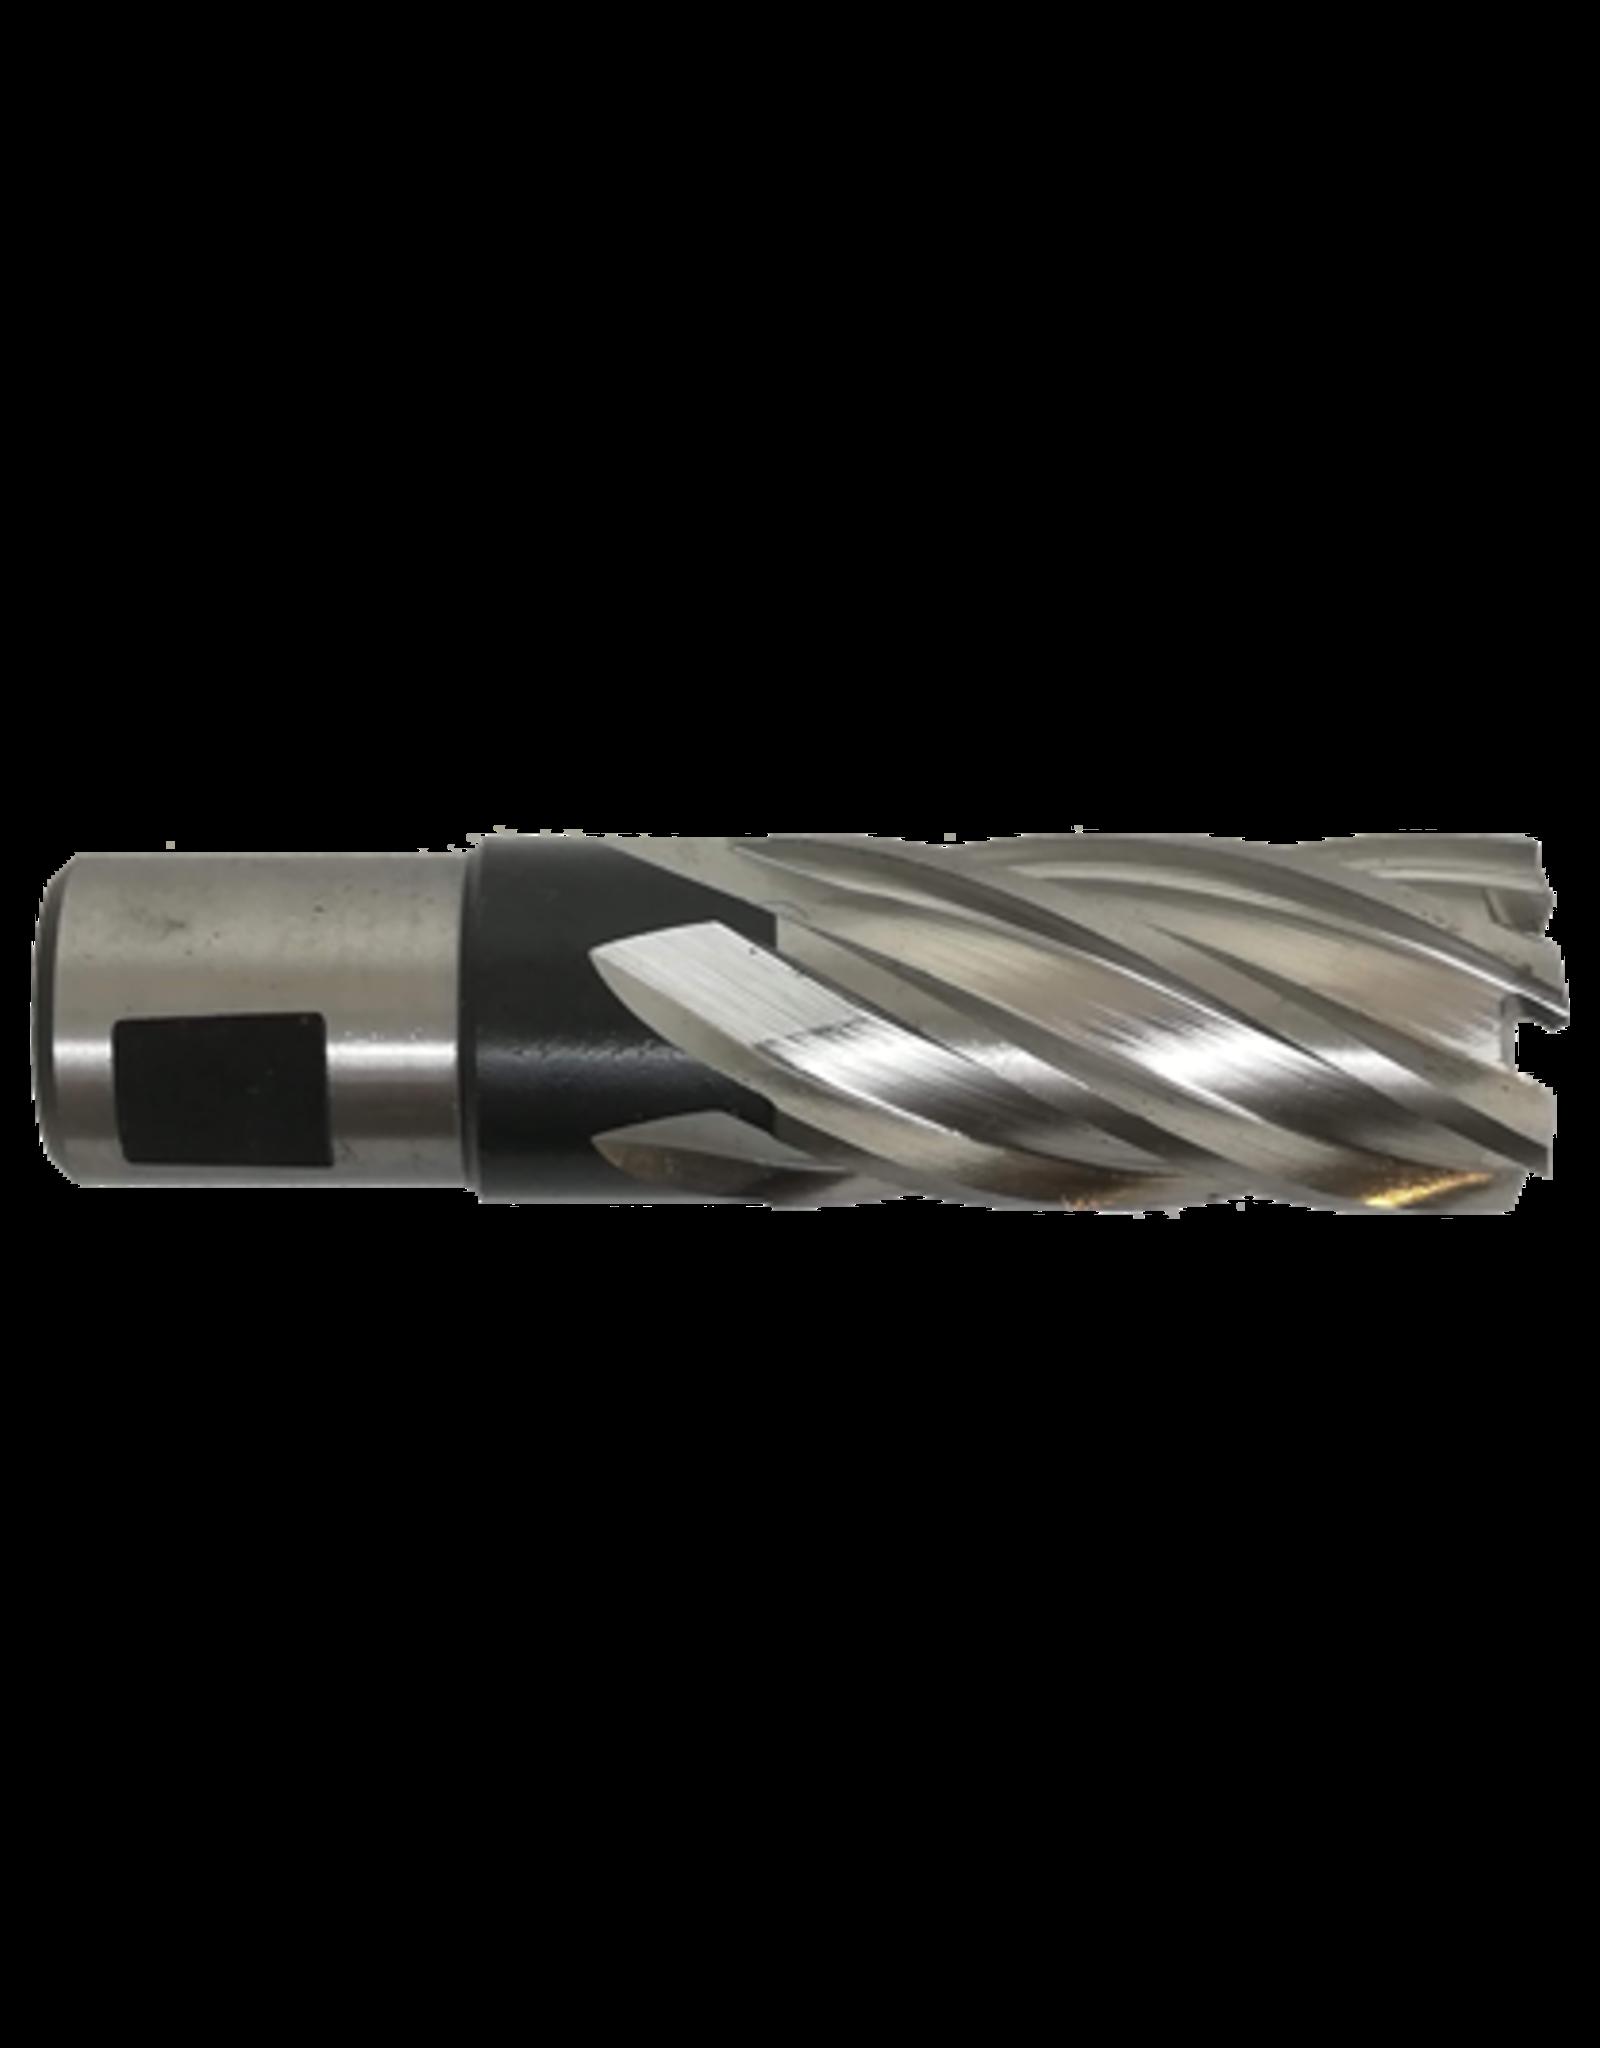 Evolution Power Tools Steel Line EVOLUTION LANGE HSS KERNFREES - 21 MM